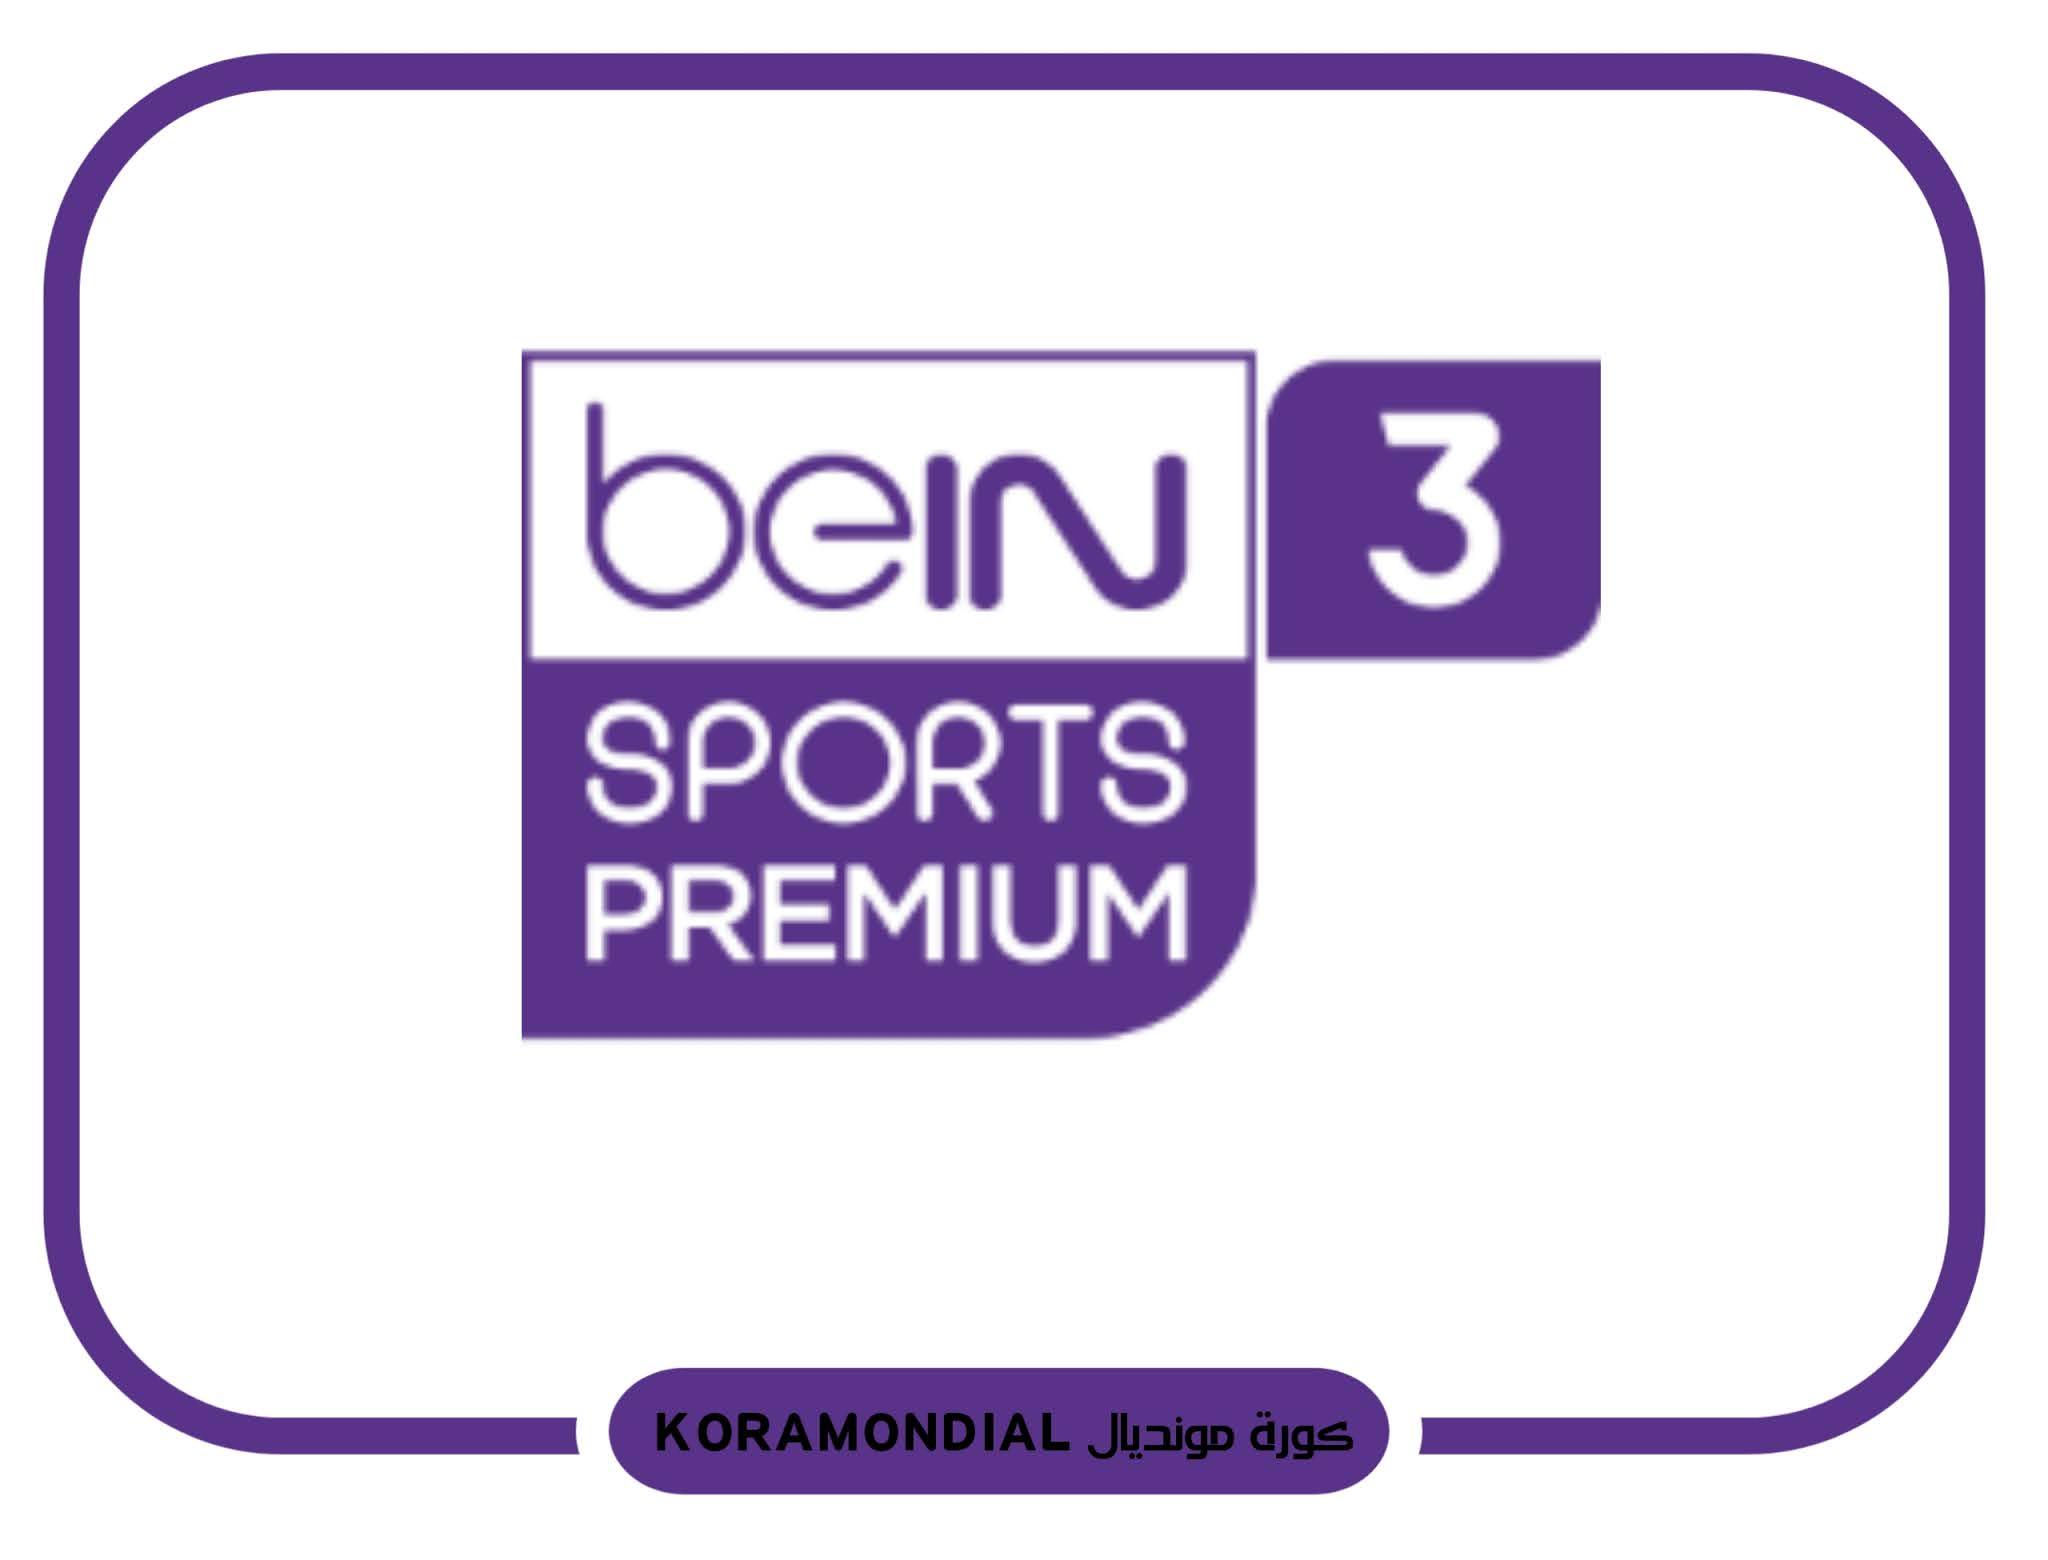 قناة بي إن سبورت بريميوم 3 بث مباشر bein sports premium 3 HD live